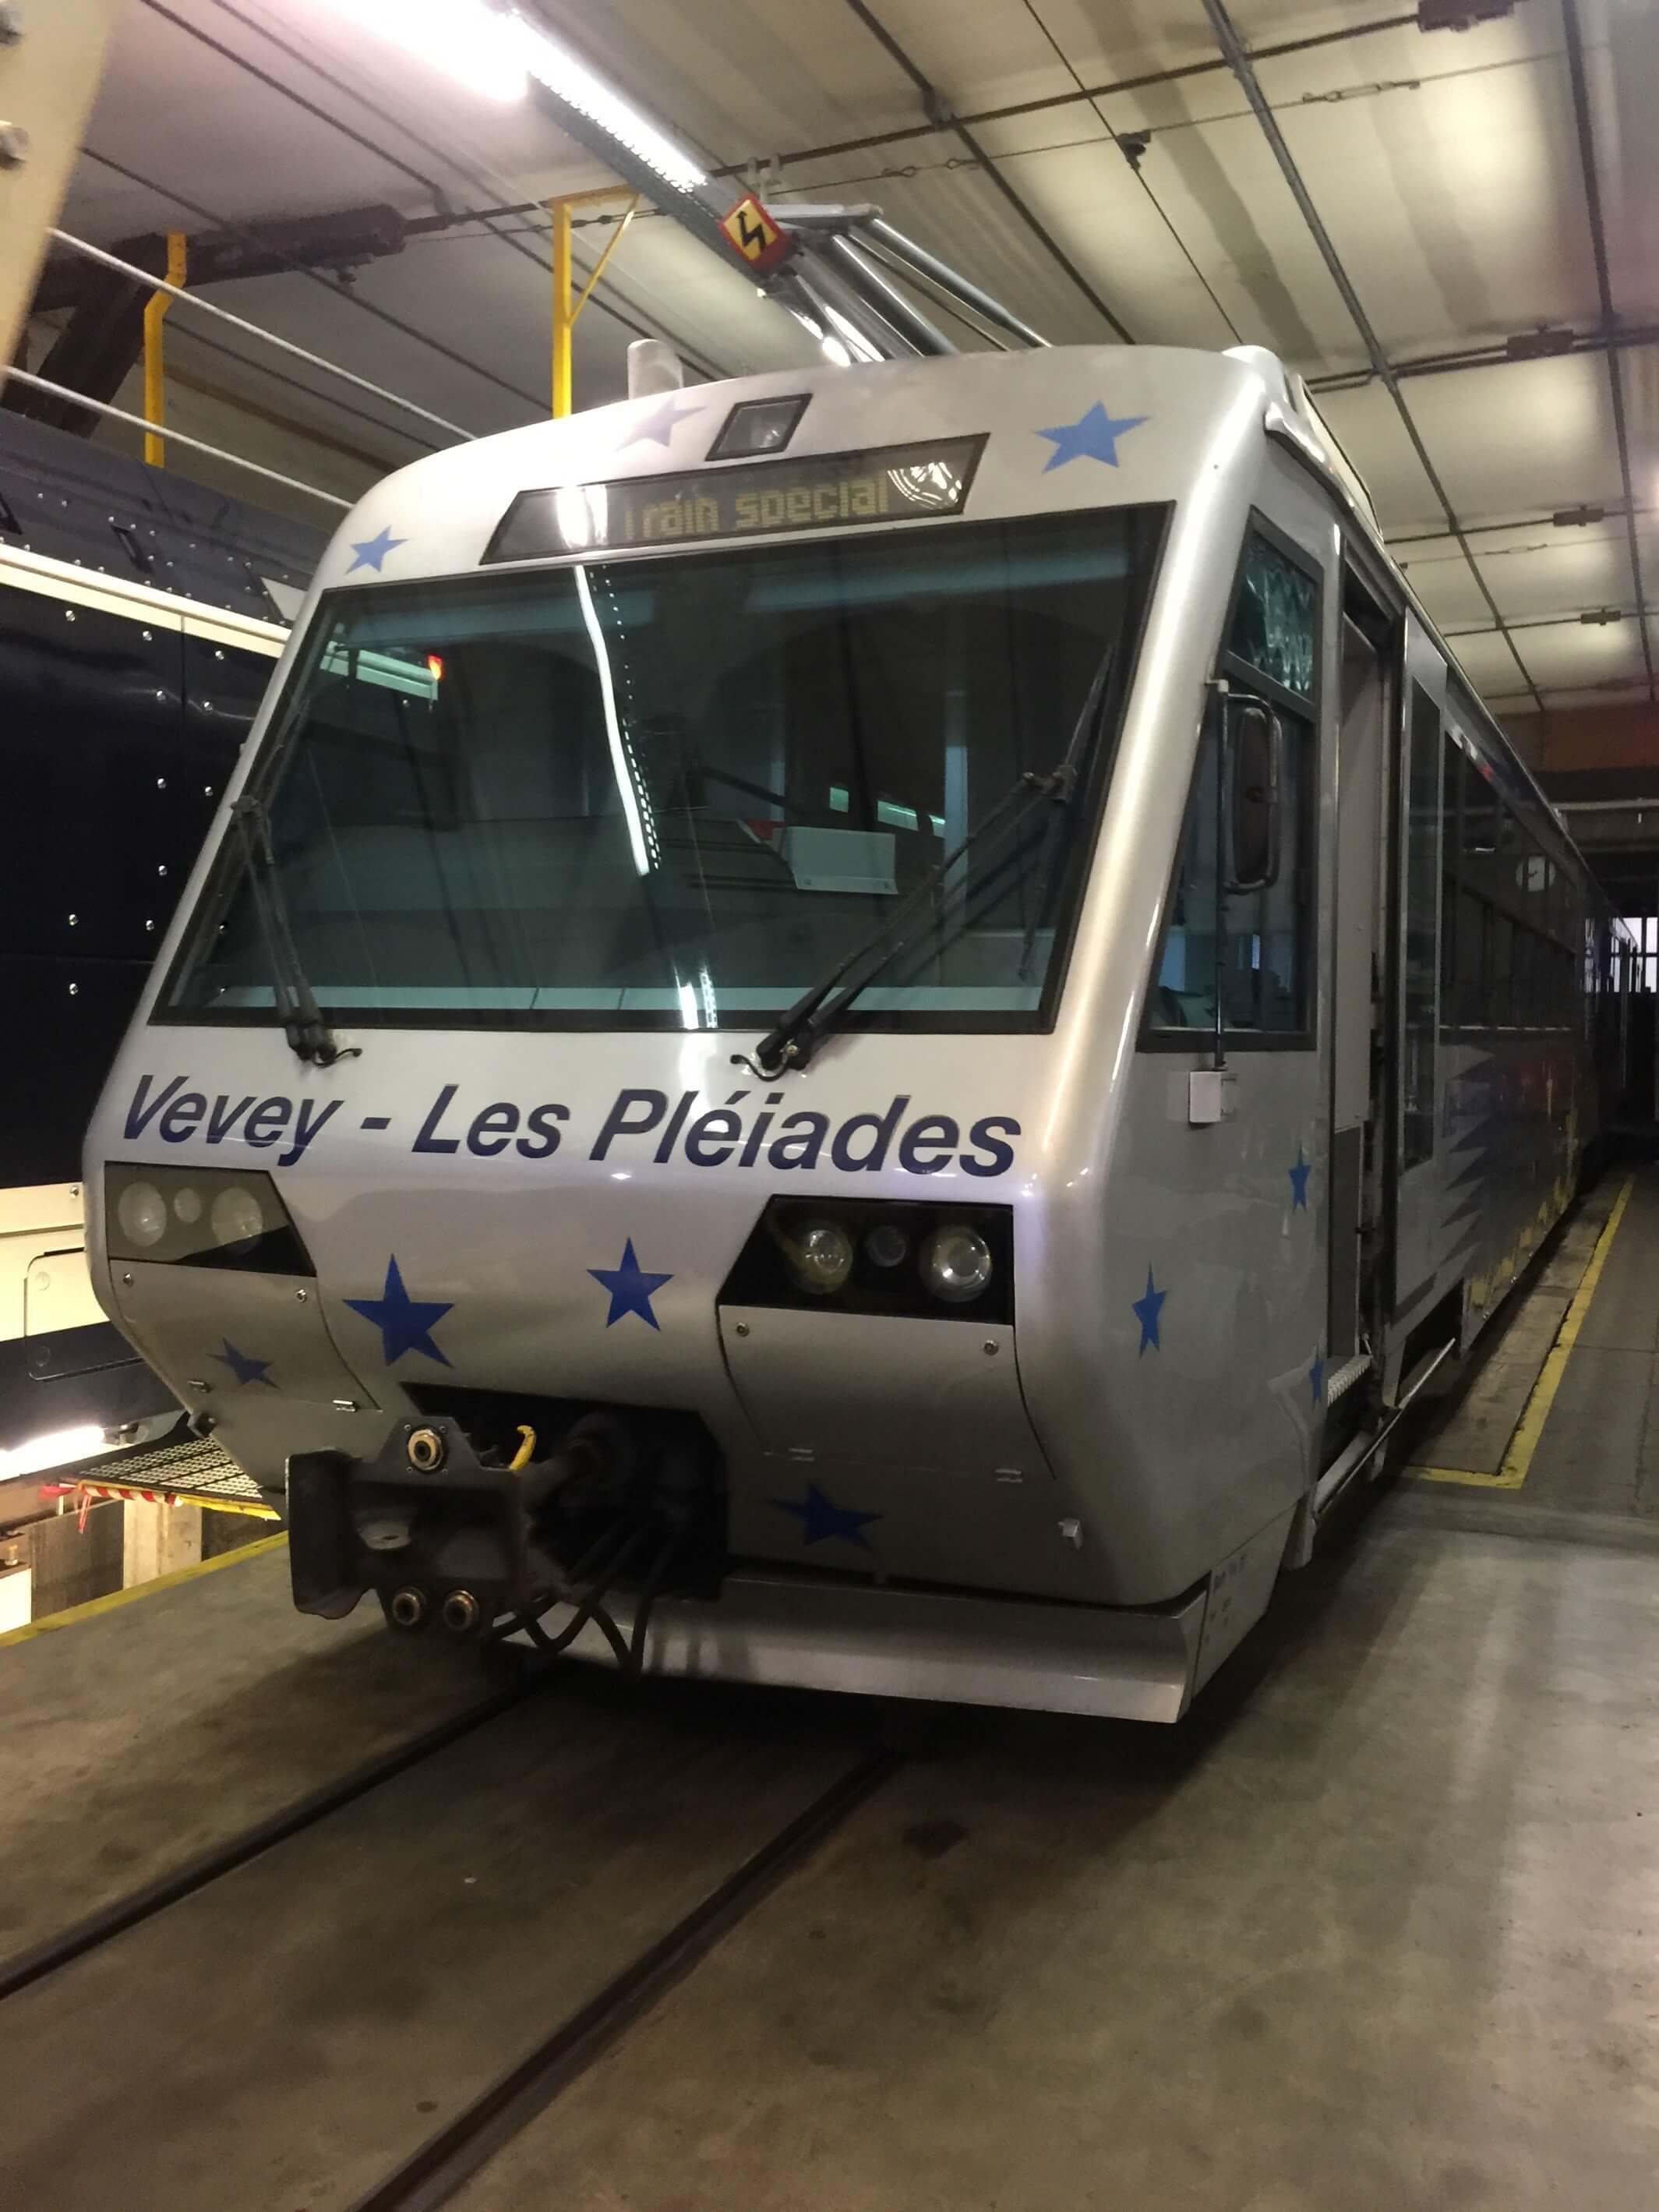 Train weighing in Switzerland